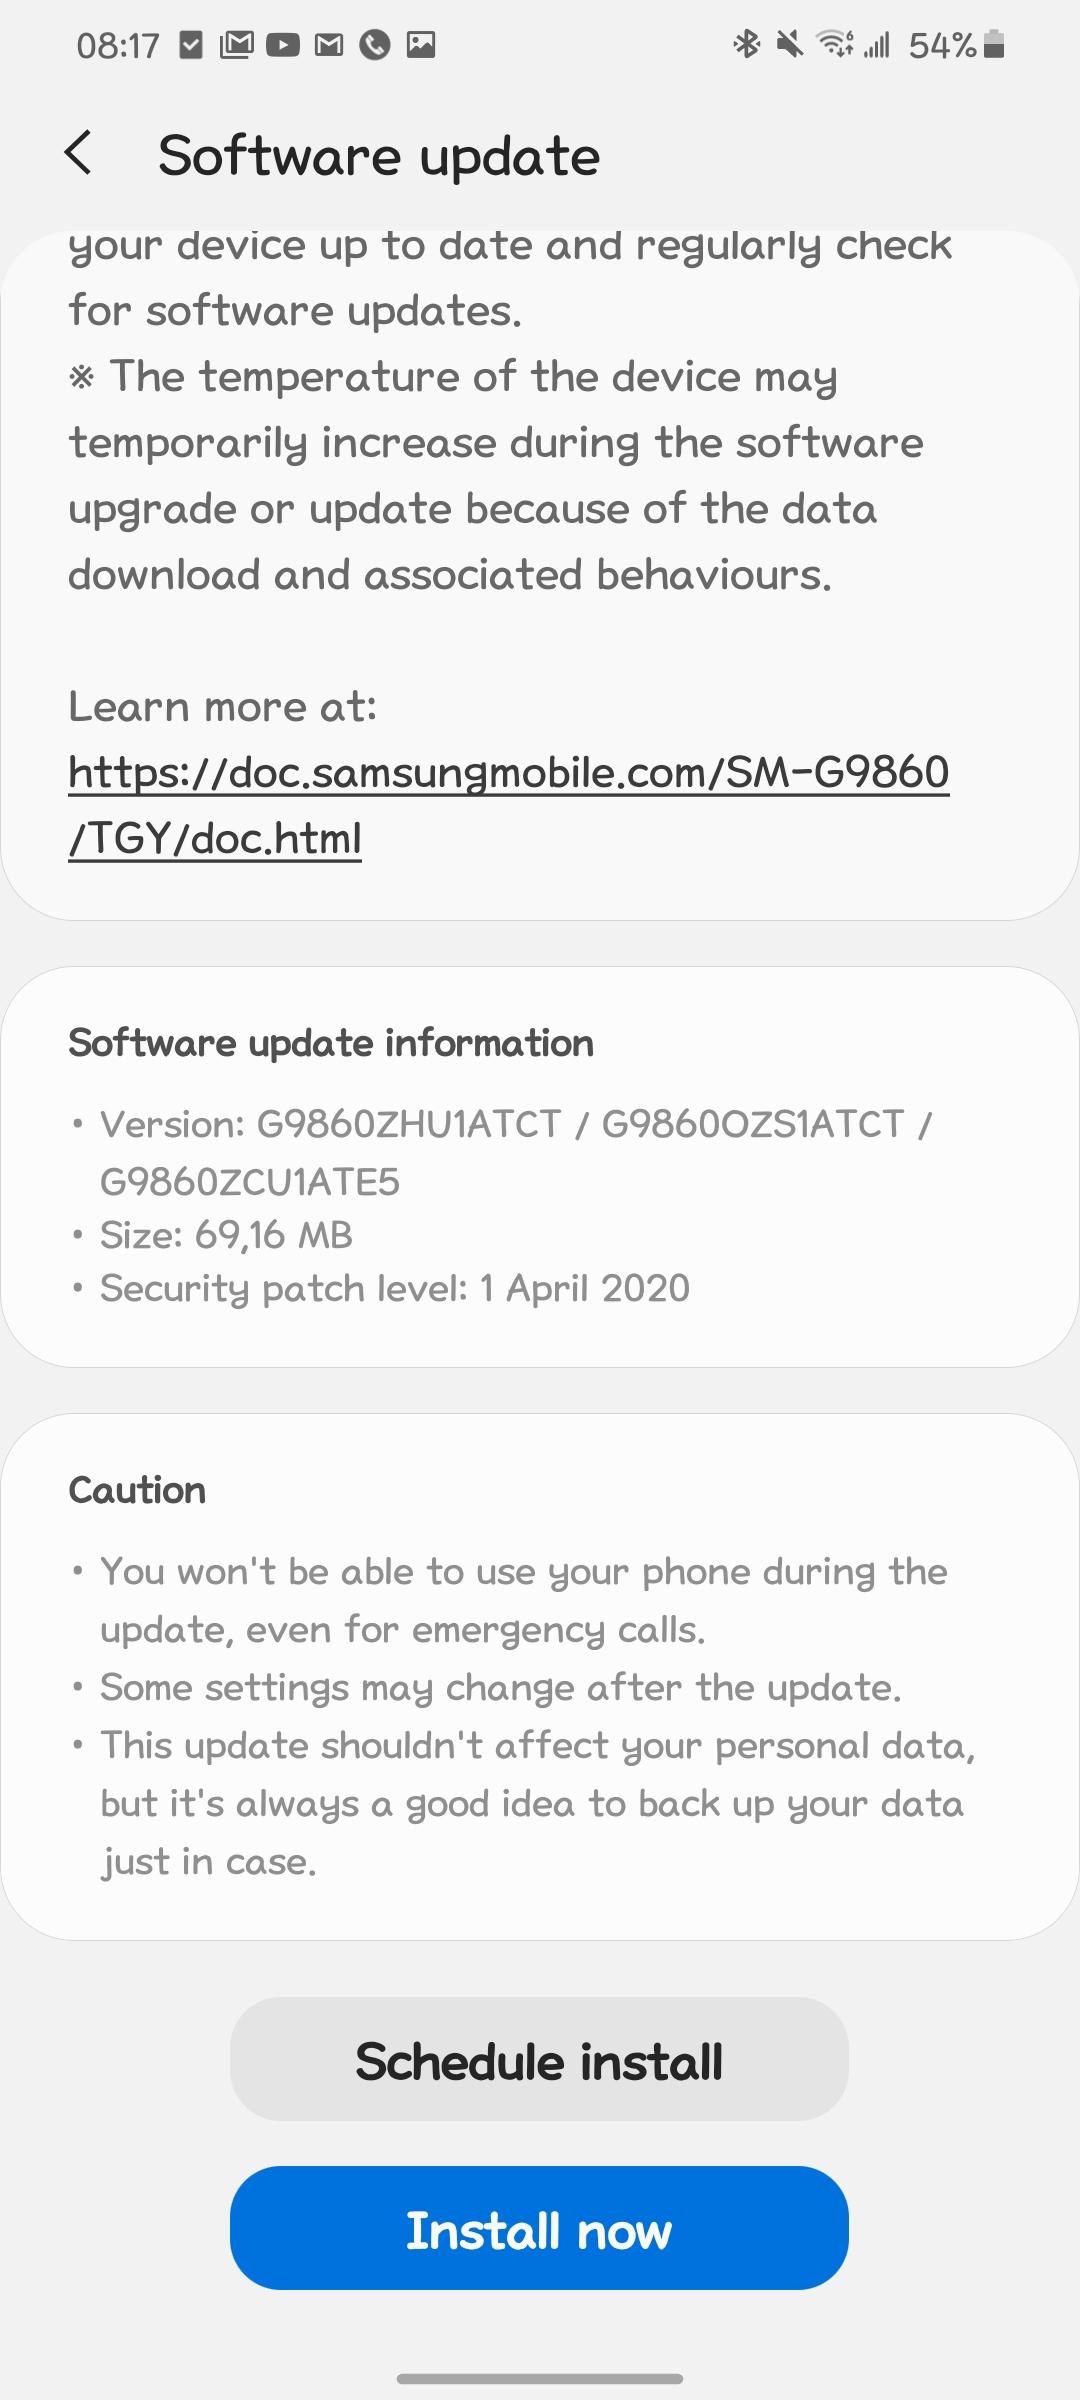 Screenshot_20200515-081743_Software update.jpg